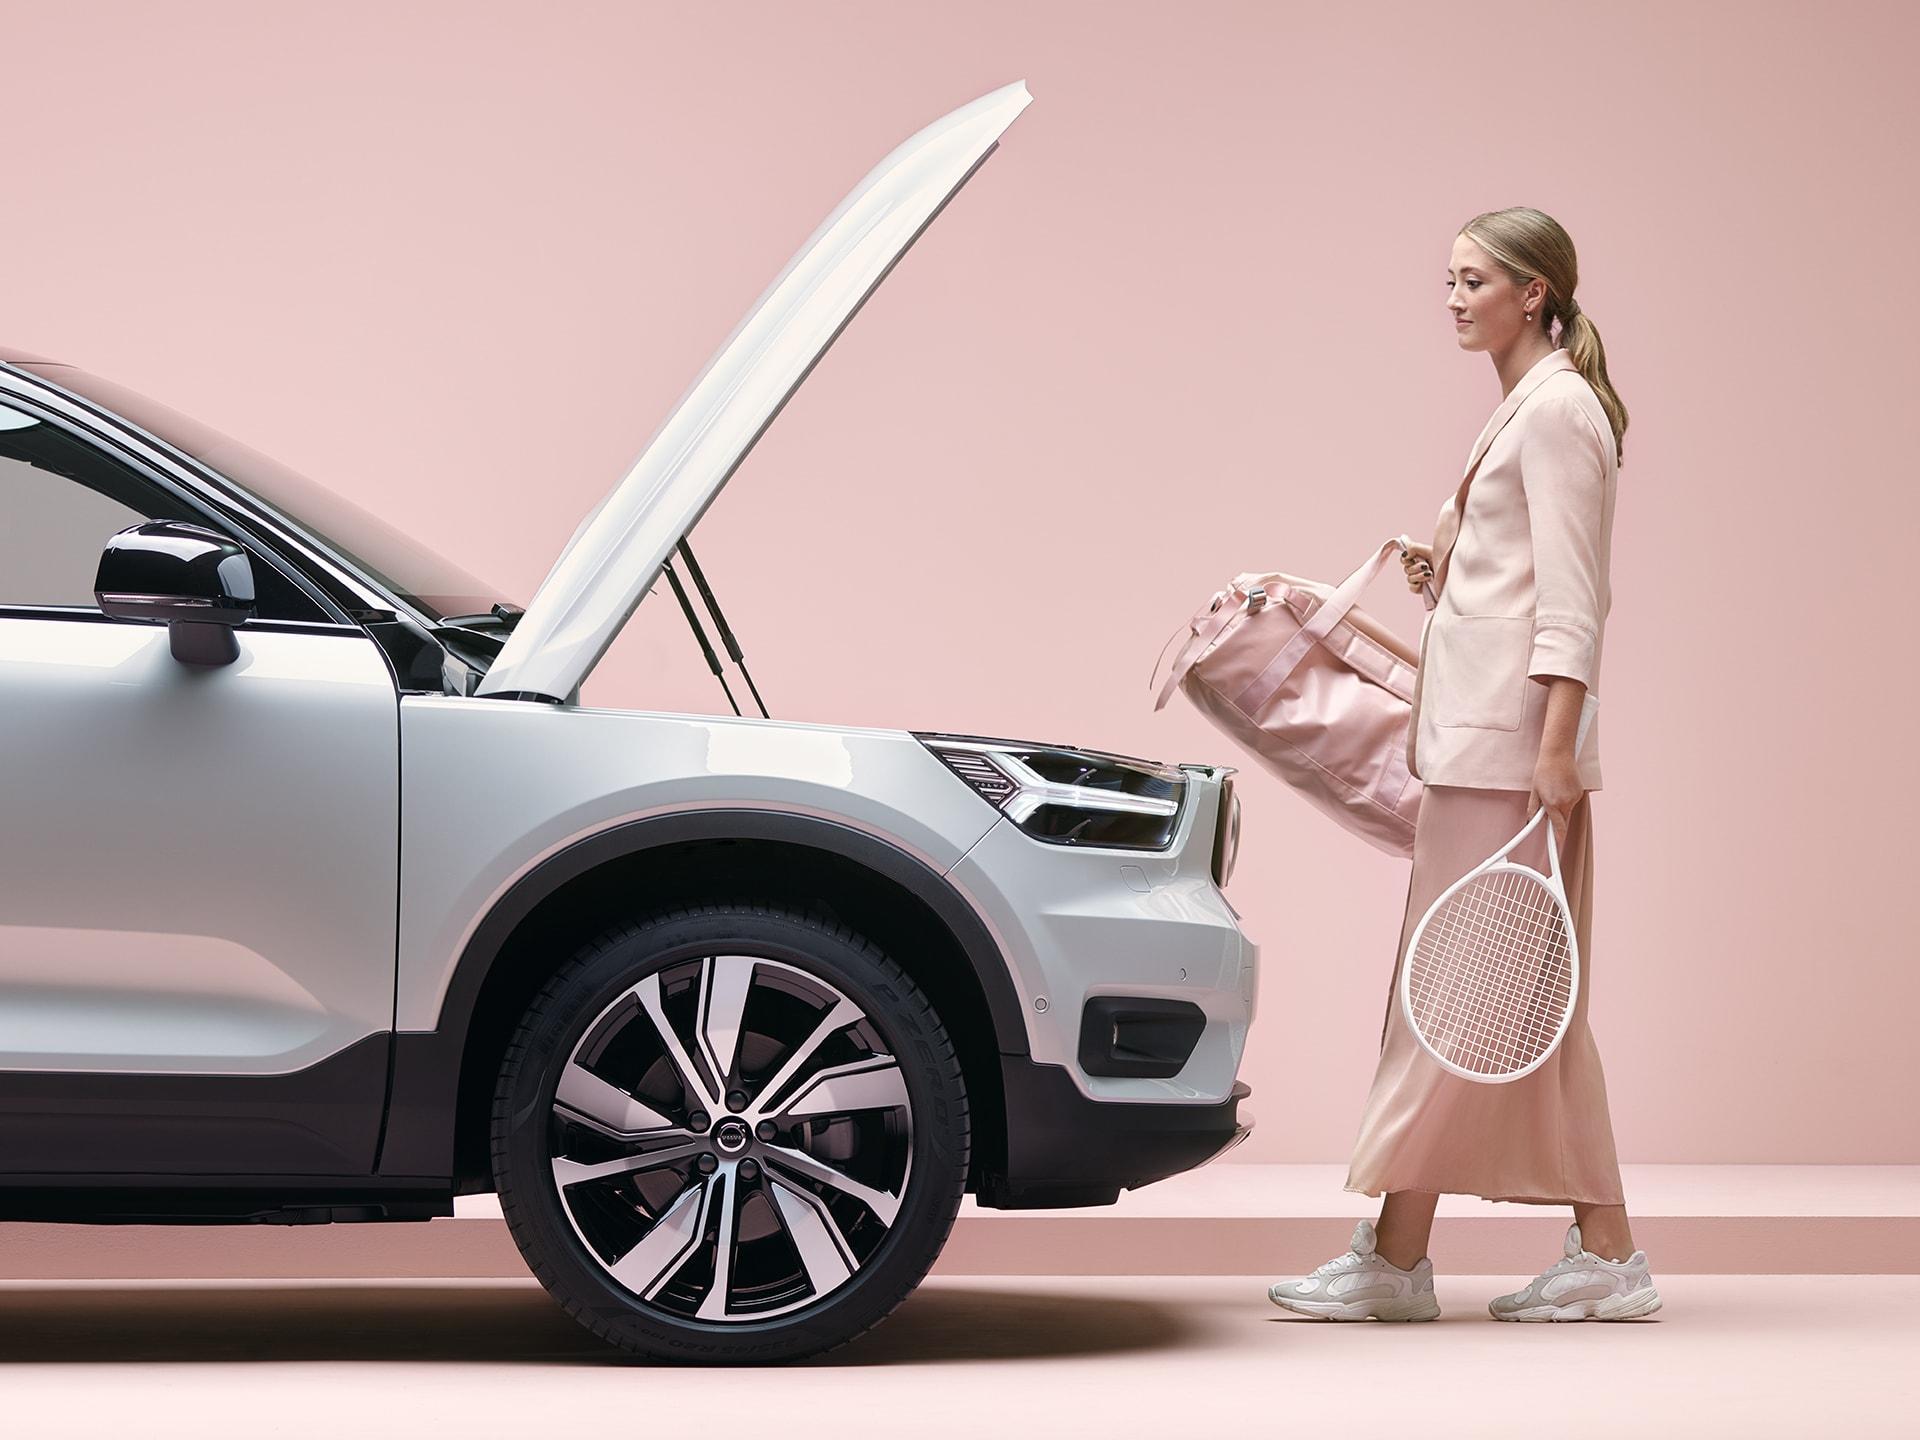 Una ragazza bionda con una sacca sportiva e una racchetta da tennis in mano si dirige verso la sua XC40 Recharge